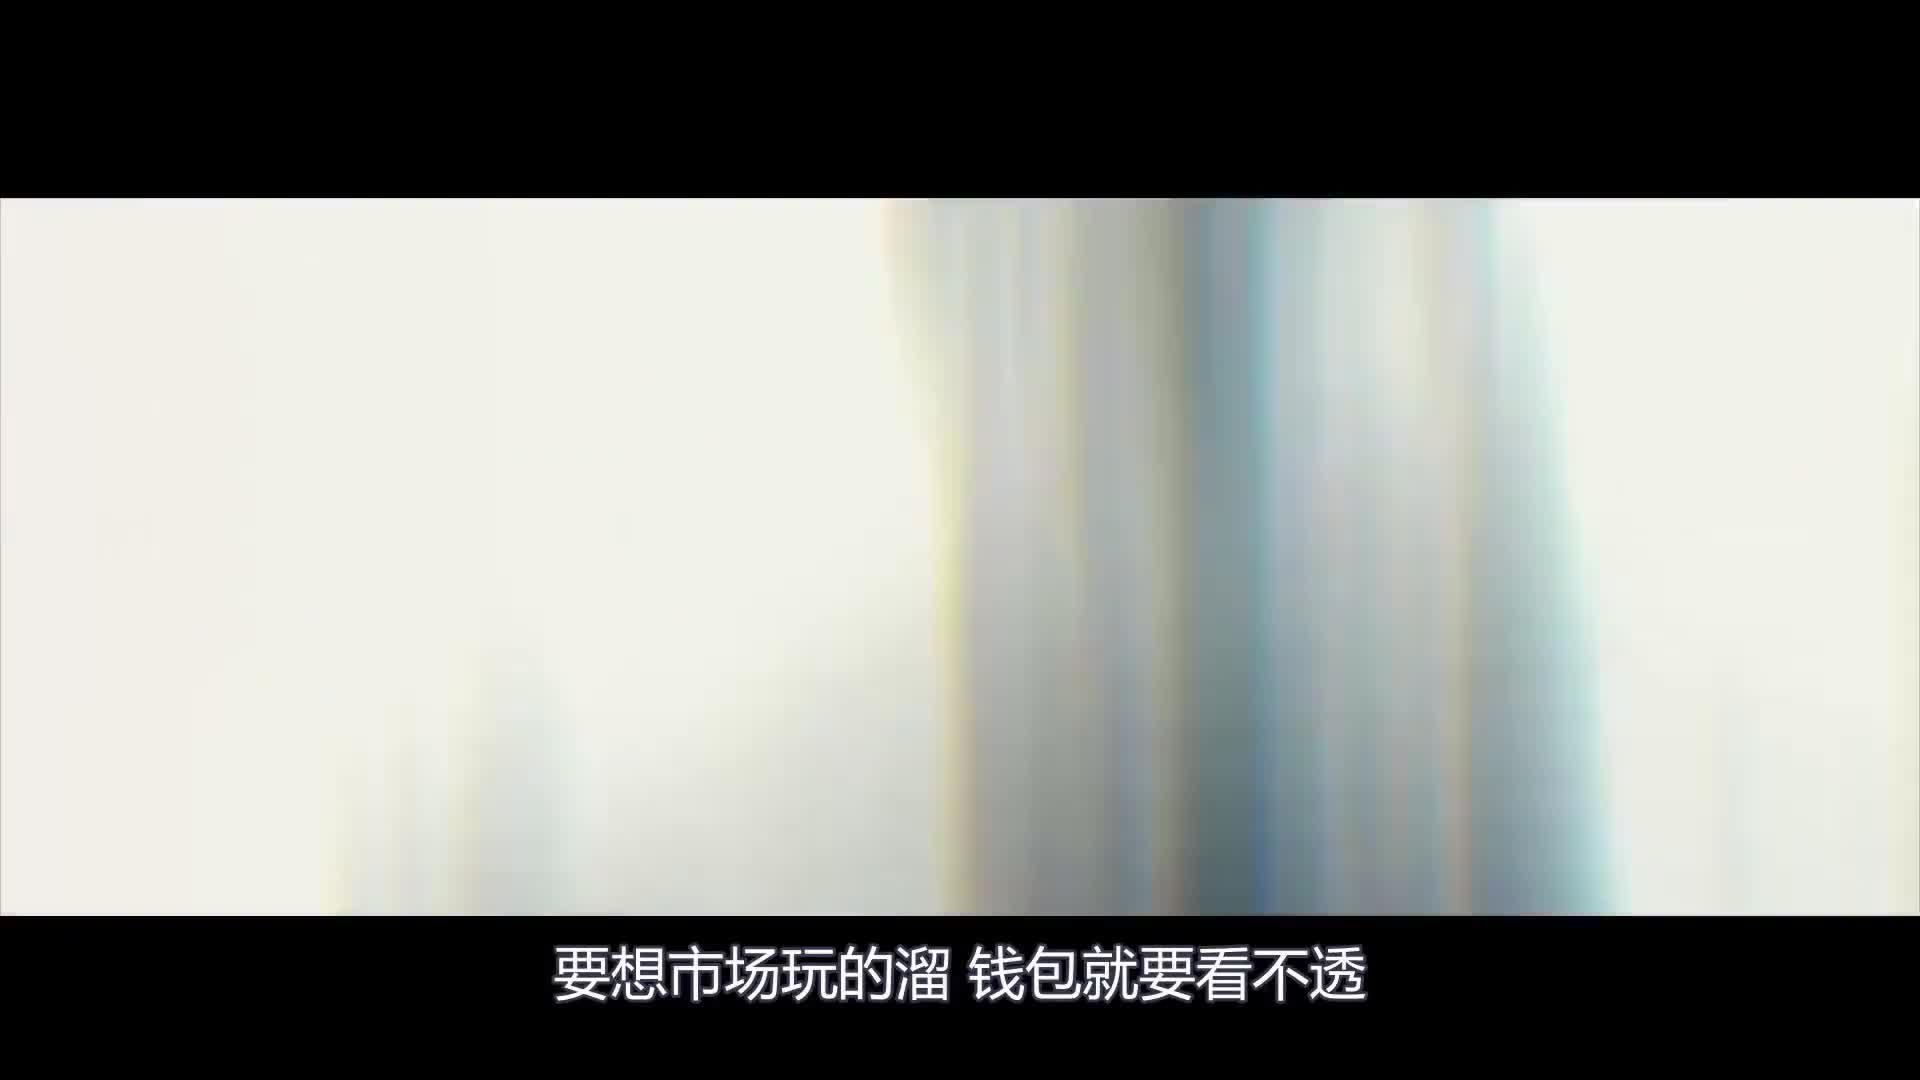 唐探背后的资本游戏,王健林的一个亿要靠陈思诚?